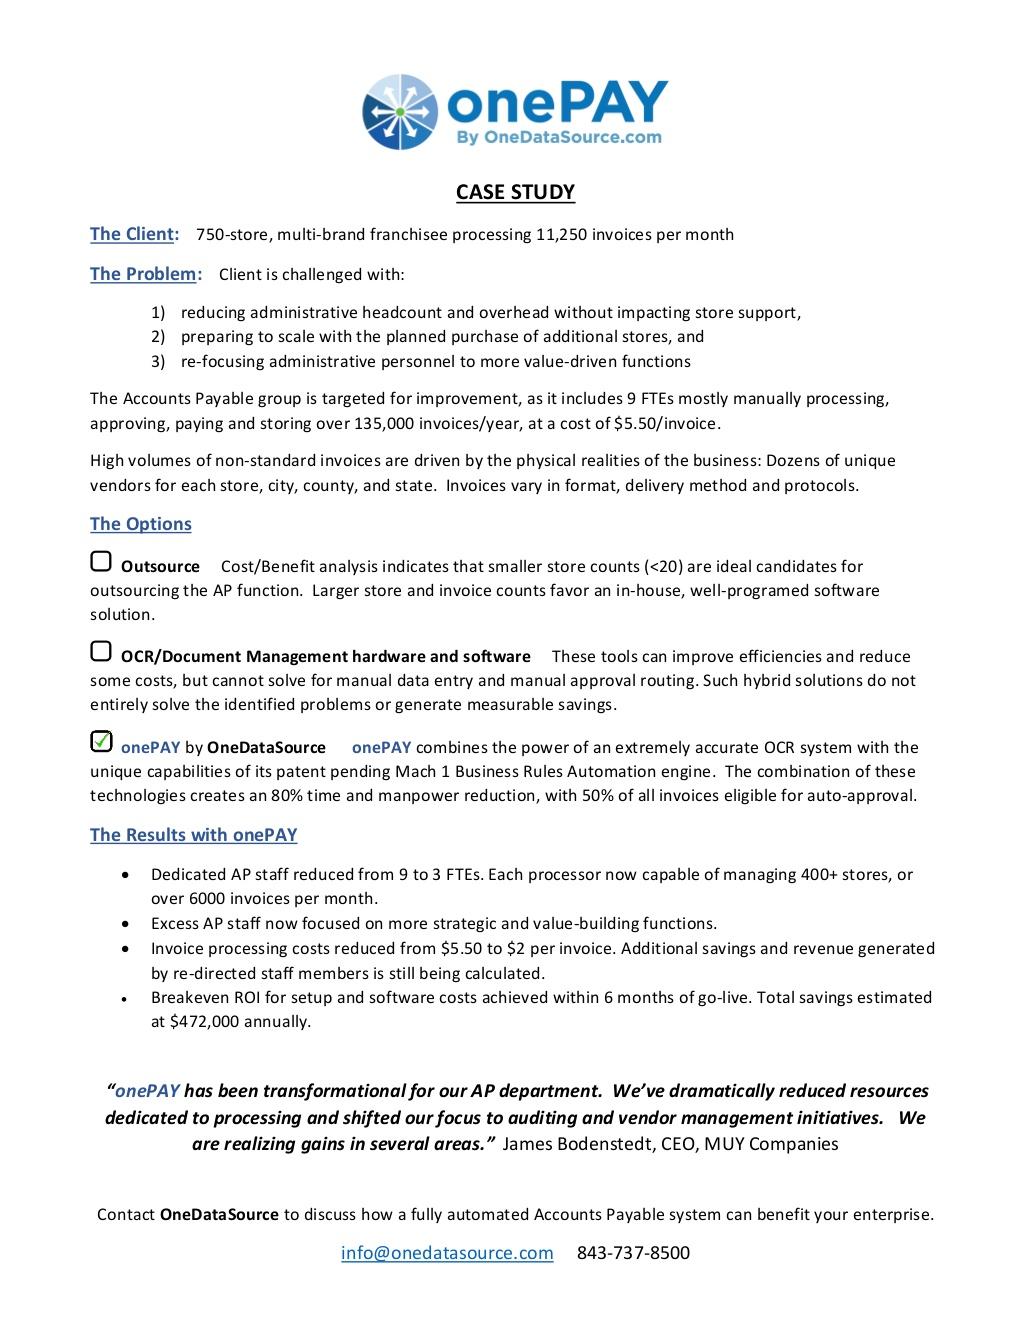 ODS Case Study